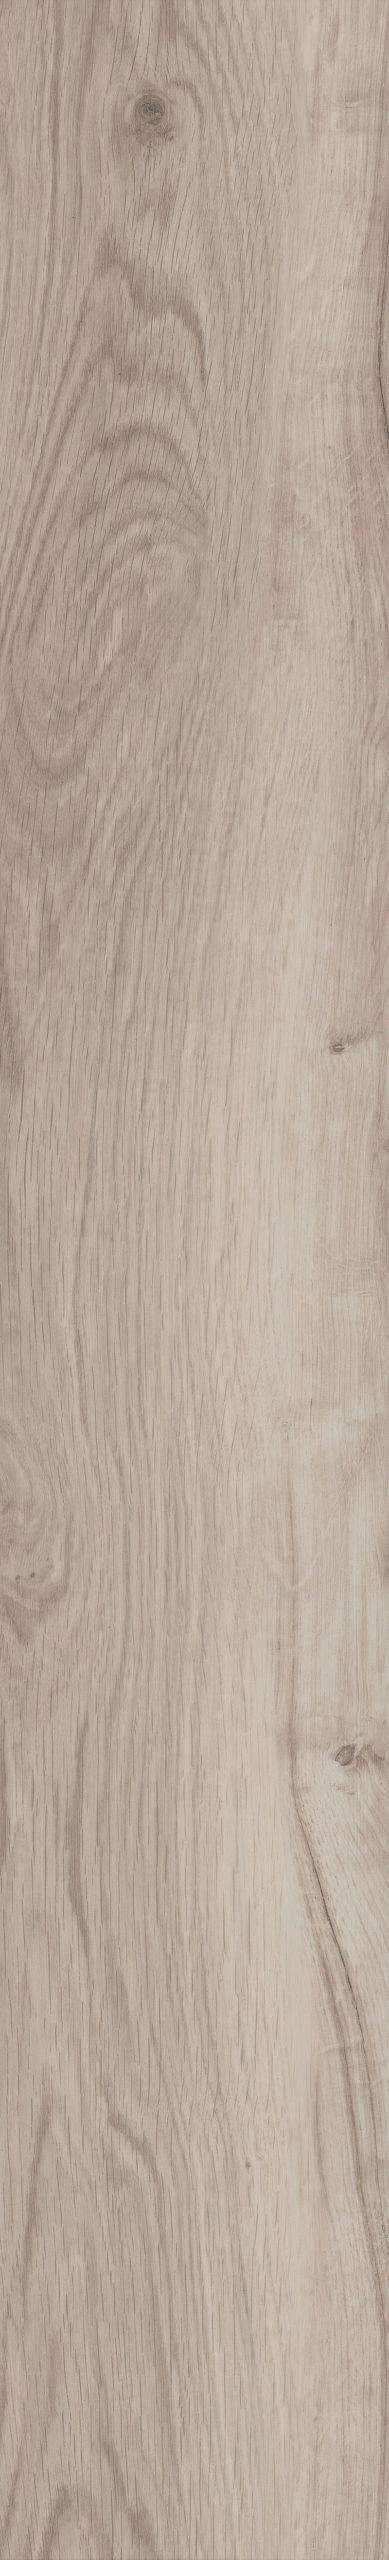 Bramber Chestnut Sesamo